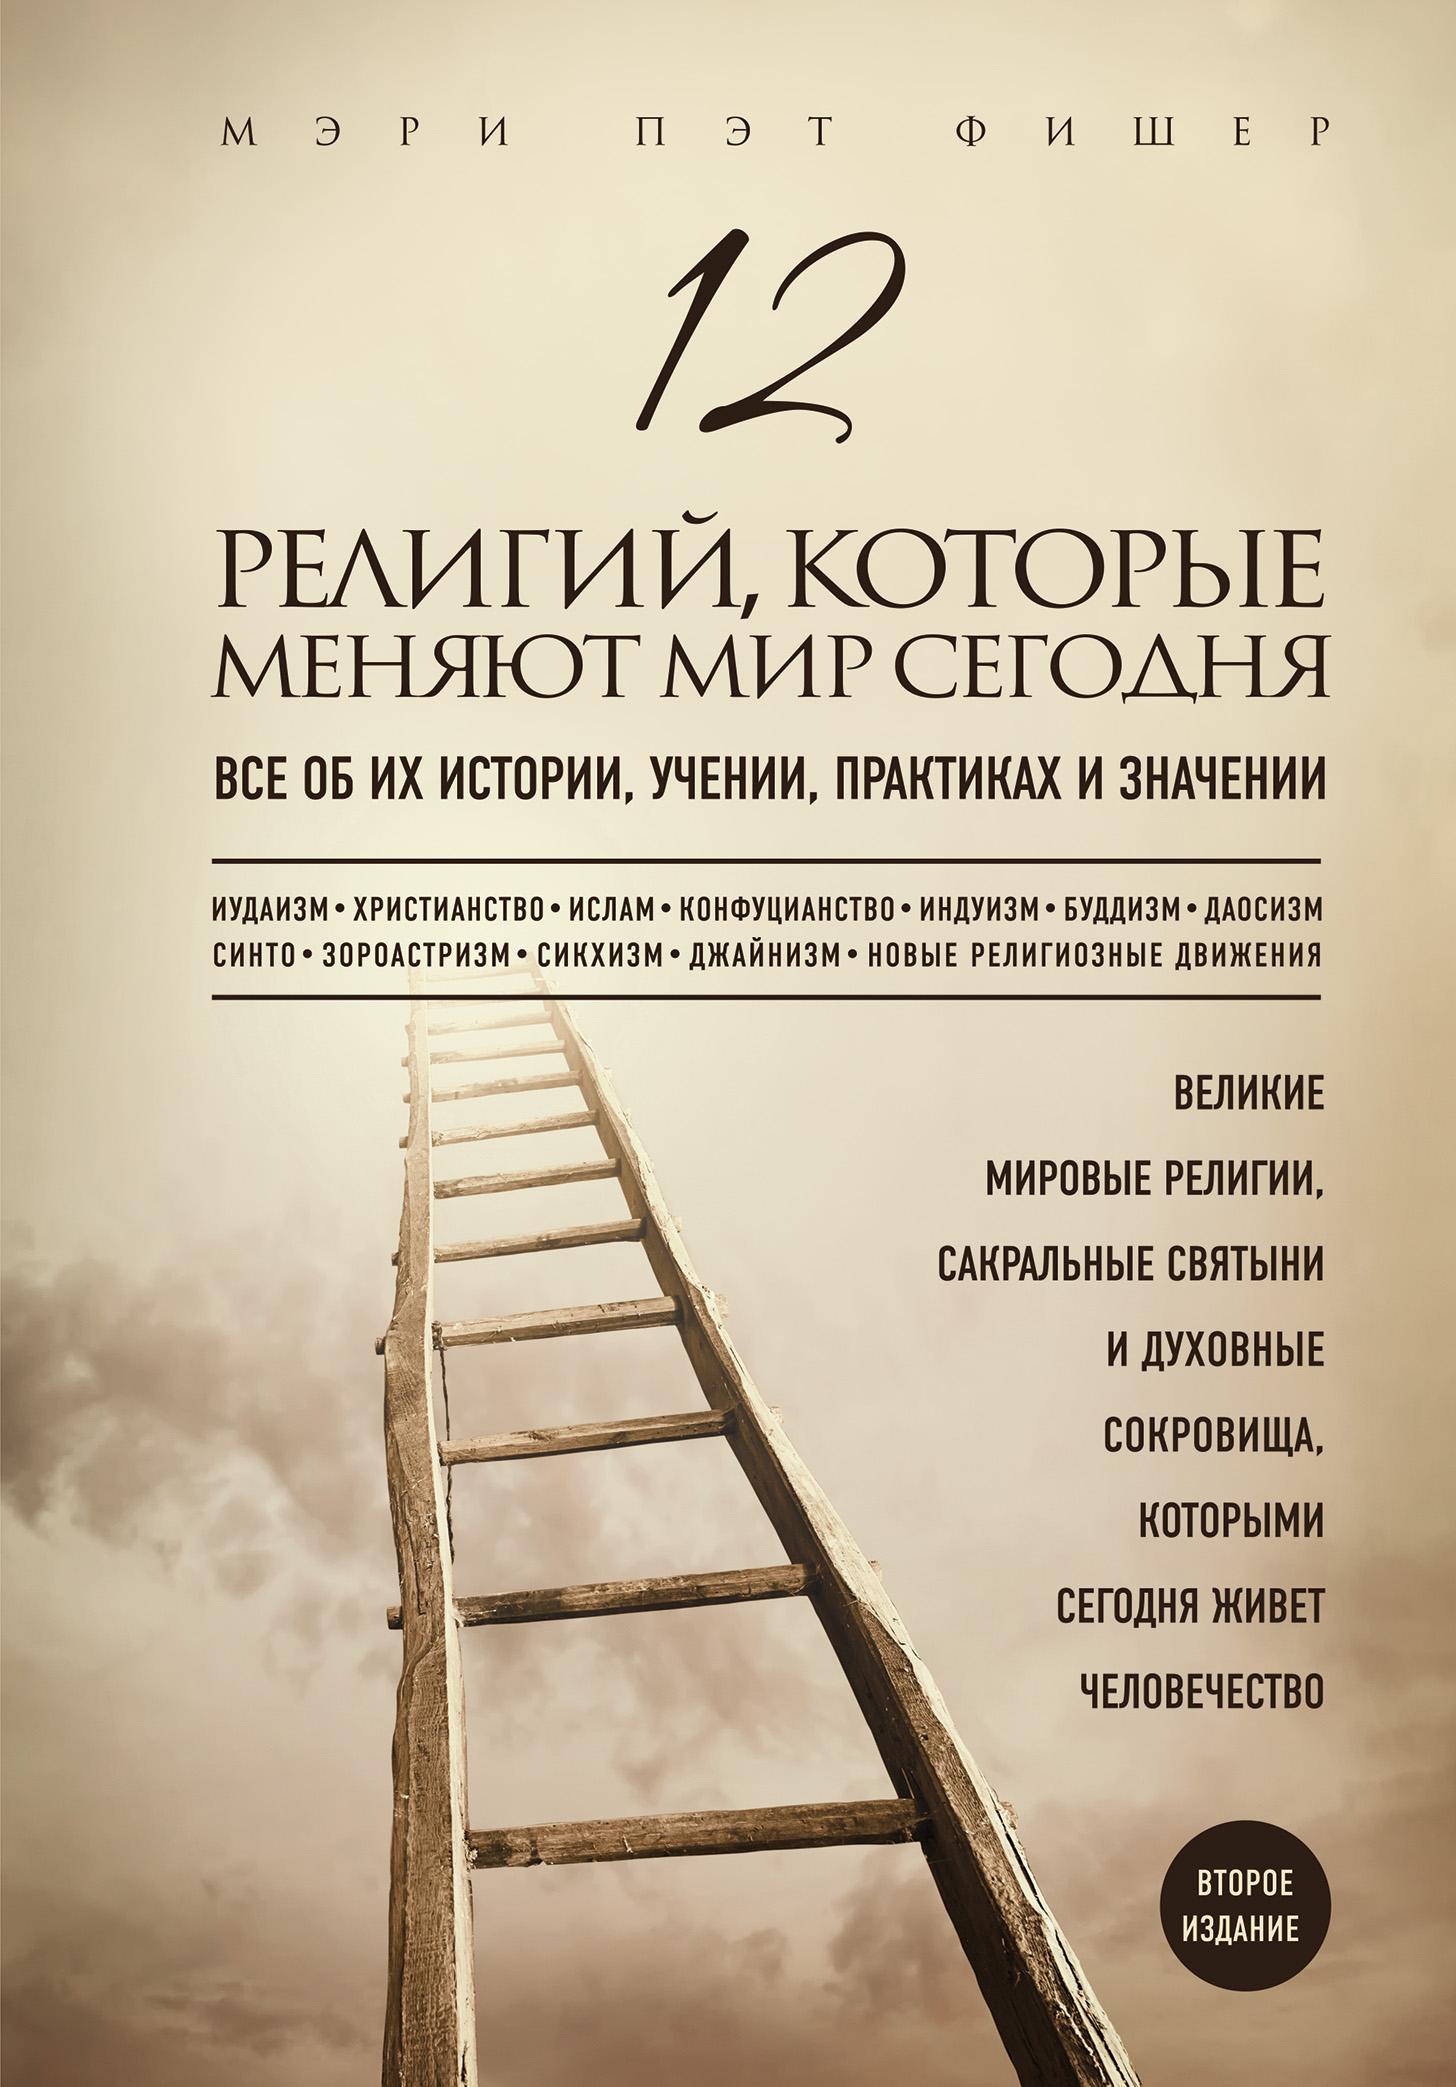 12 религий, которые меняют мир сегодня. Все об их истории, учении, практиках и значении. 2-е издание